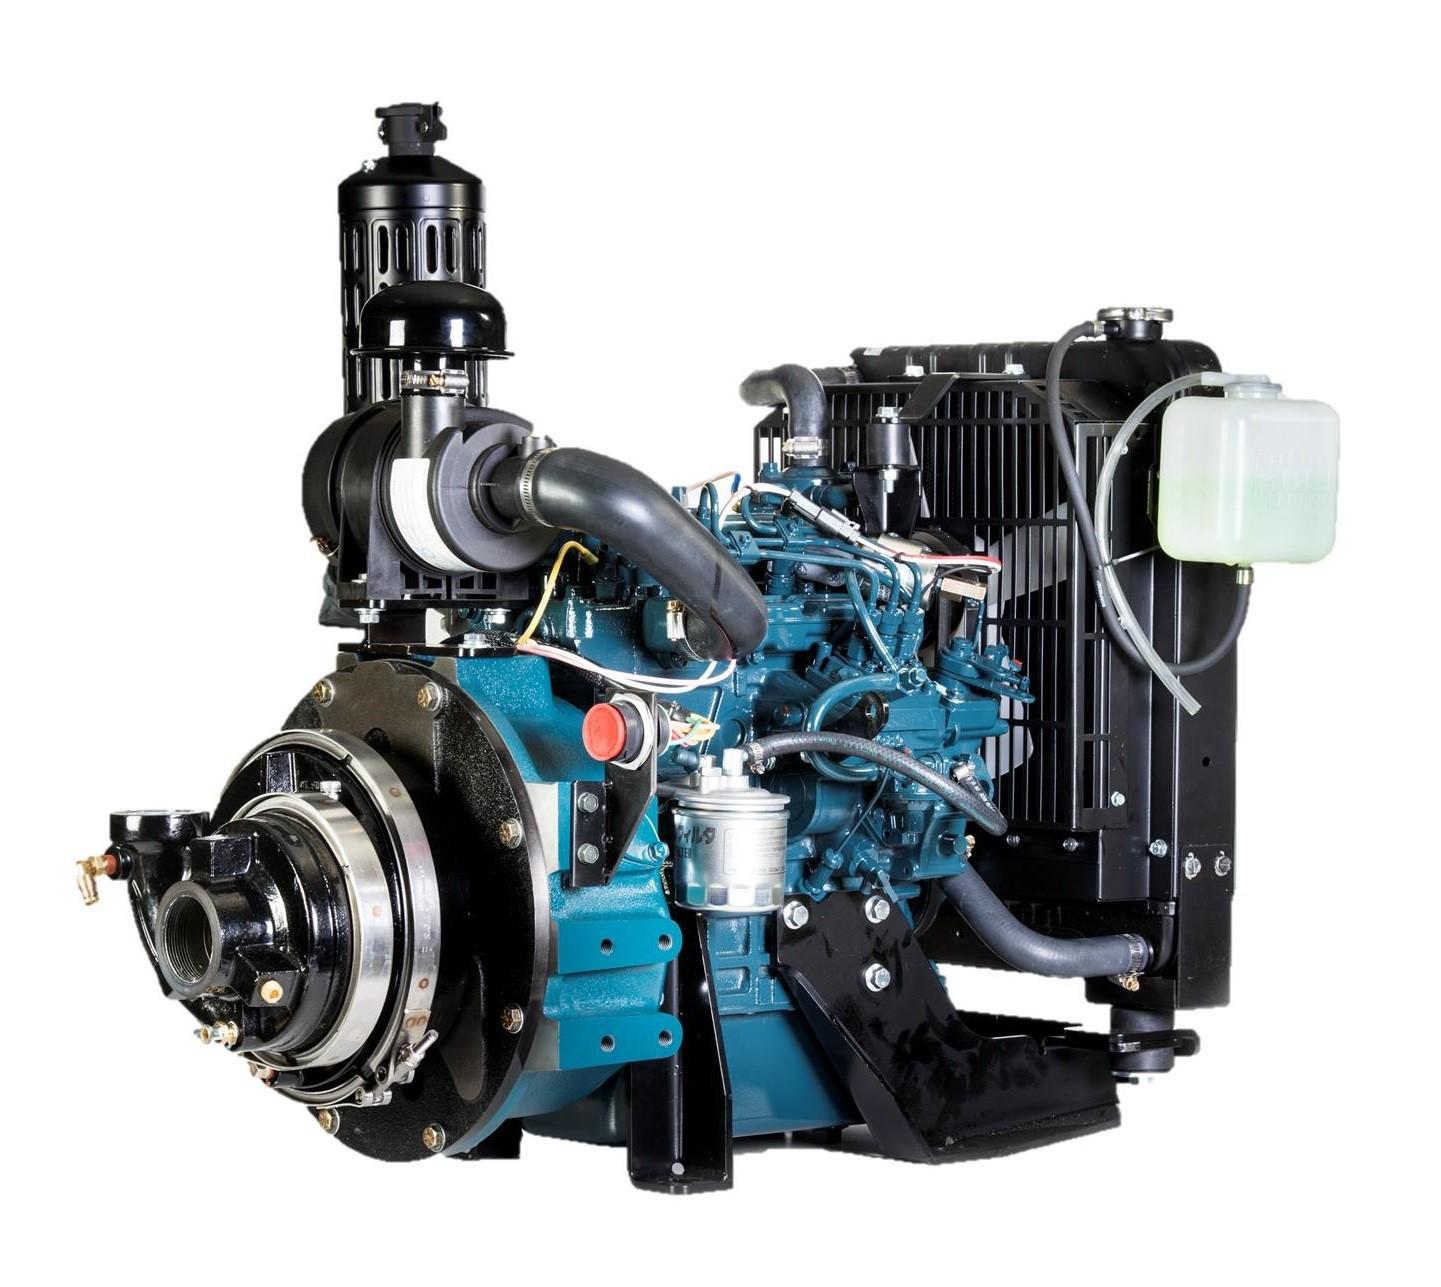 Powerflow Hpx75-kbd24 High-volume Engine-driven Water Pump